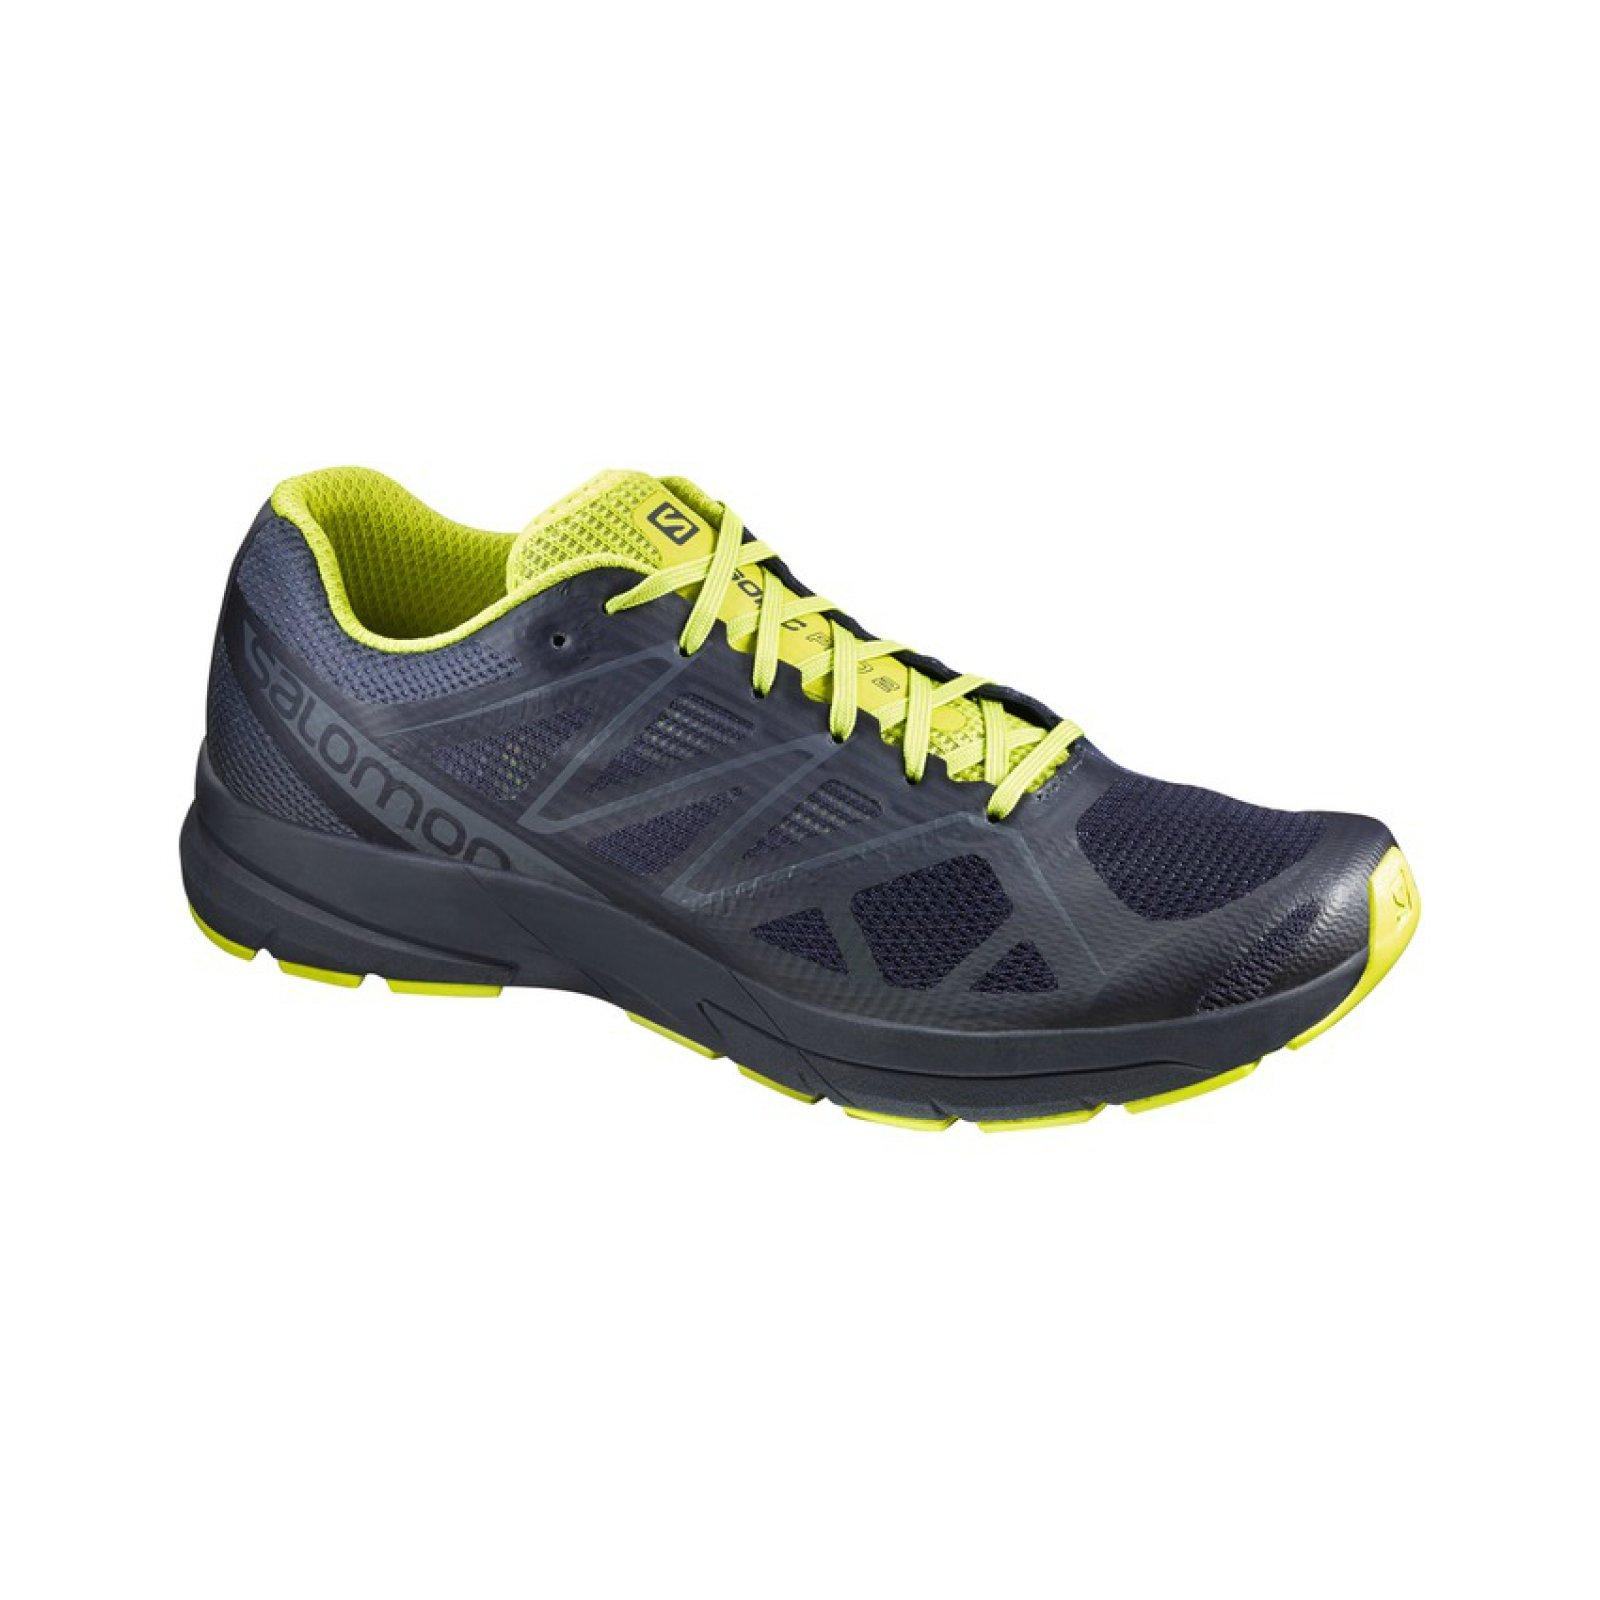 18557abf4d9 Silniční běžecké boty Salomon Sonic Pro 2 M L39338800 - Actisport.cz